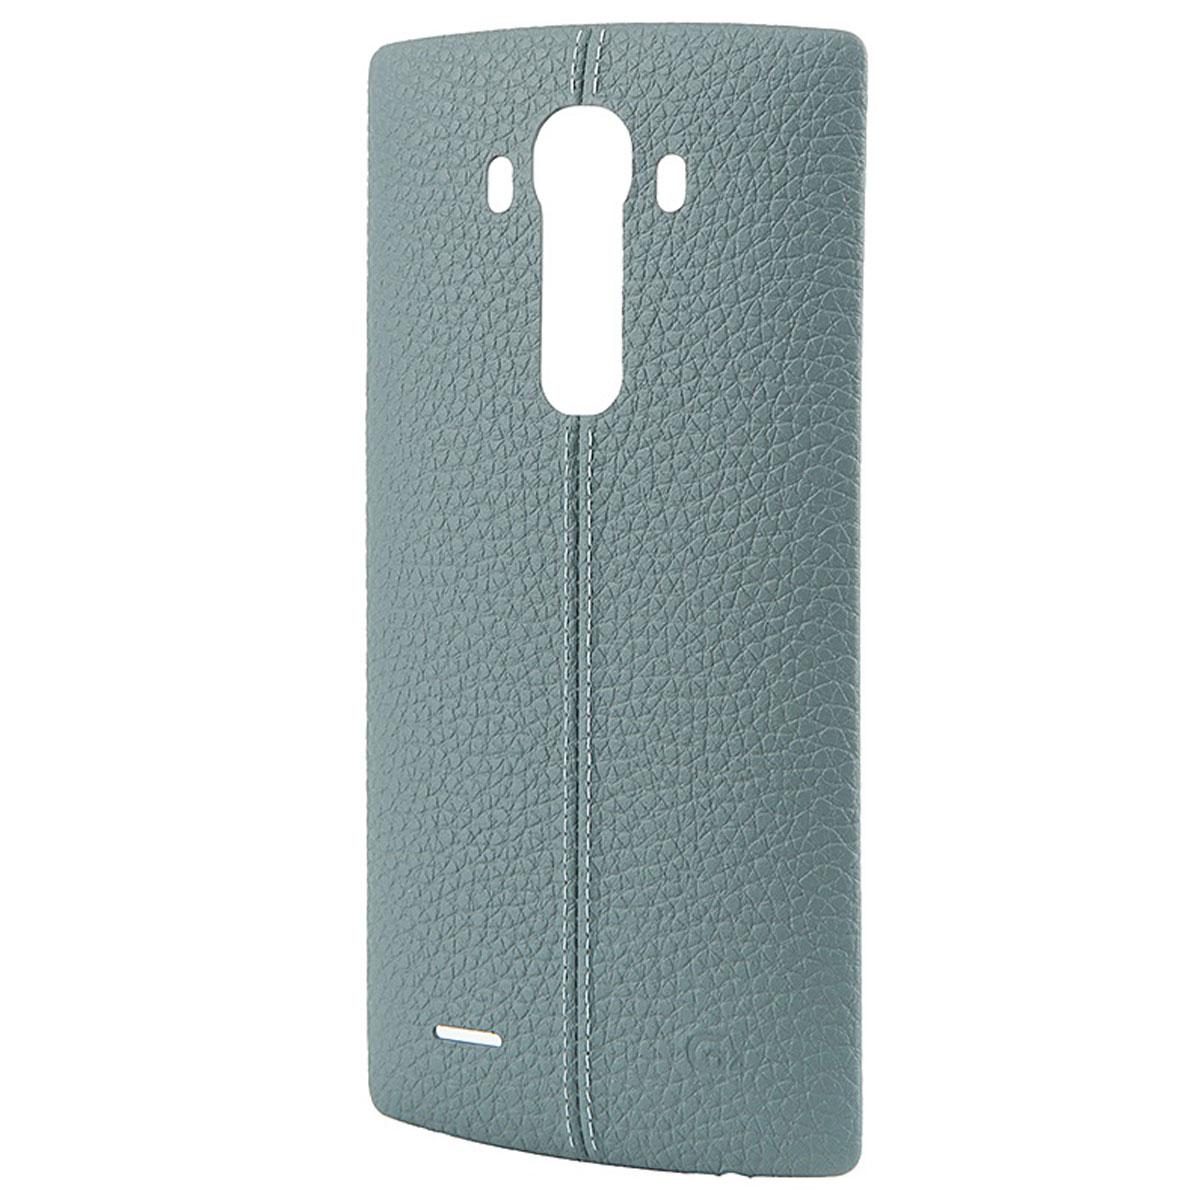 LG BackCover чехол для G4 H818, BlueCPR-110.AGRABLЧехол LG BackCover для G4 H818 предназначен для защиты корпуса смартфона от механических повреждений и царапин в процессе эксплуатации. Покрытие чехла из натуральной кожи со стильным швом-строчкой. Доступна работа NFC.